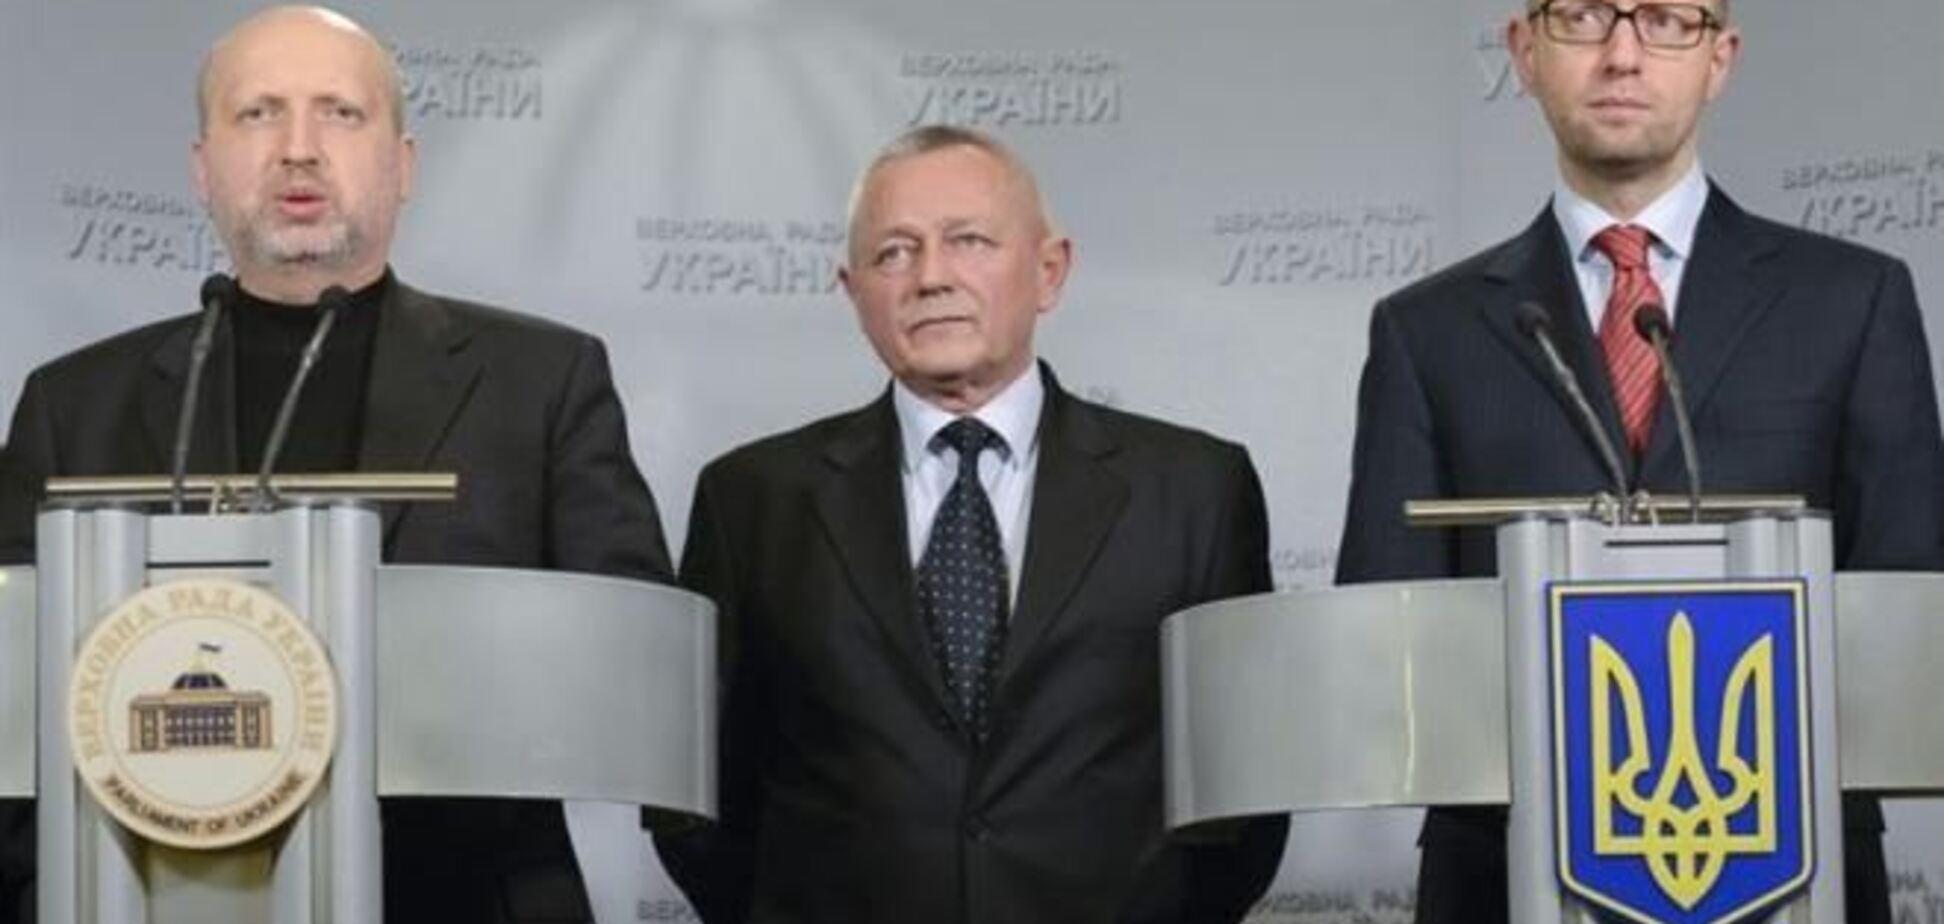 Турчинов созвал срочное совещание с Яценюком и Тенюхом